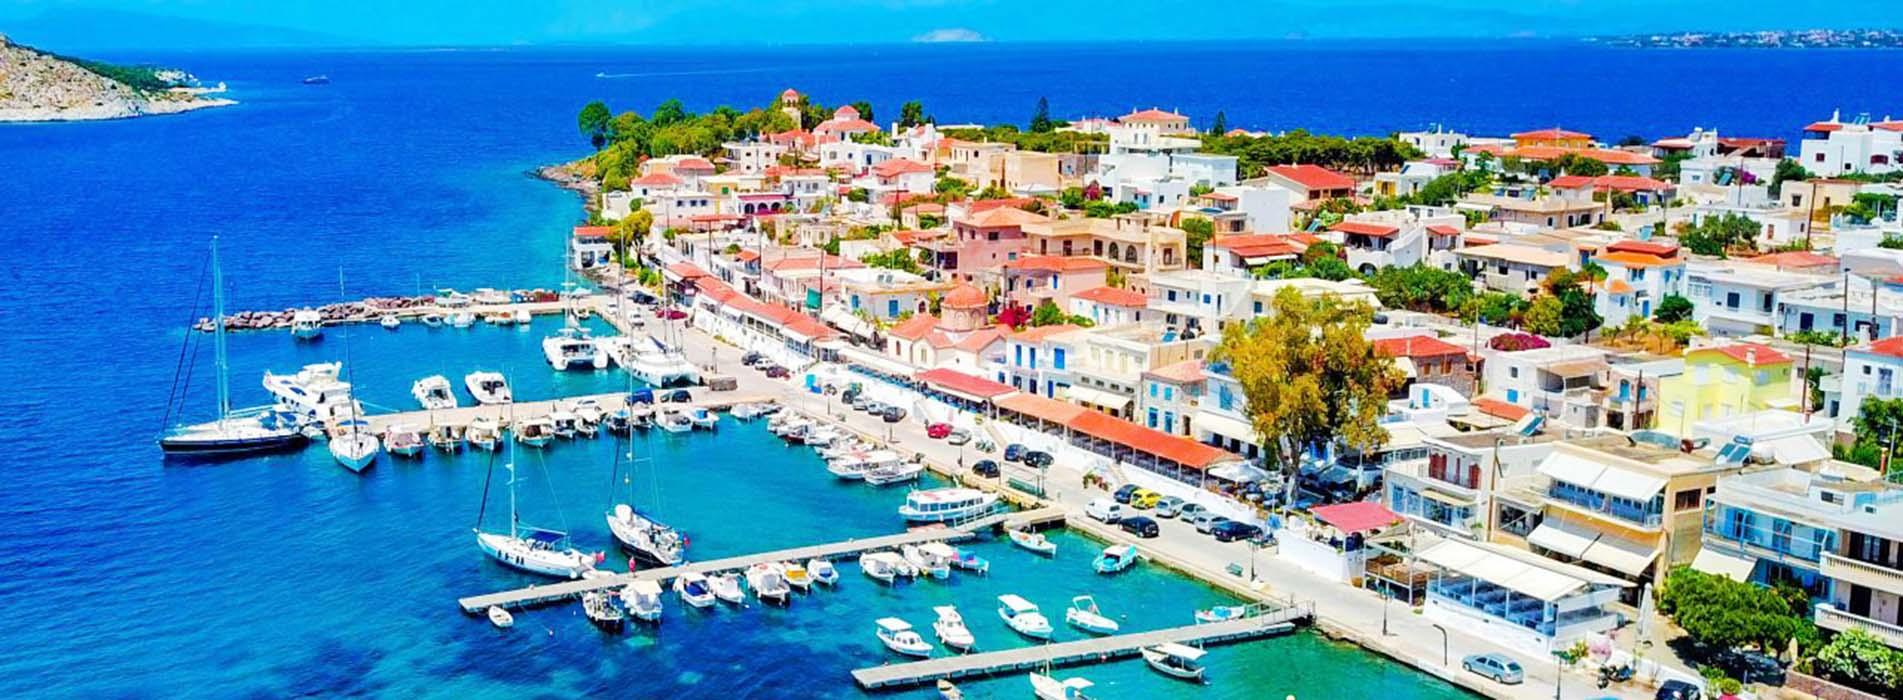 Greece - Aegina 13 (main)